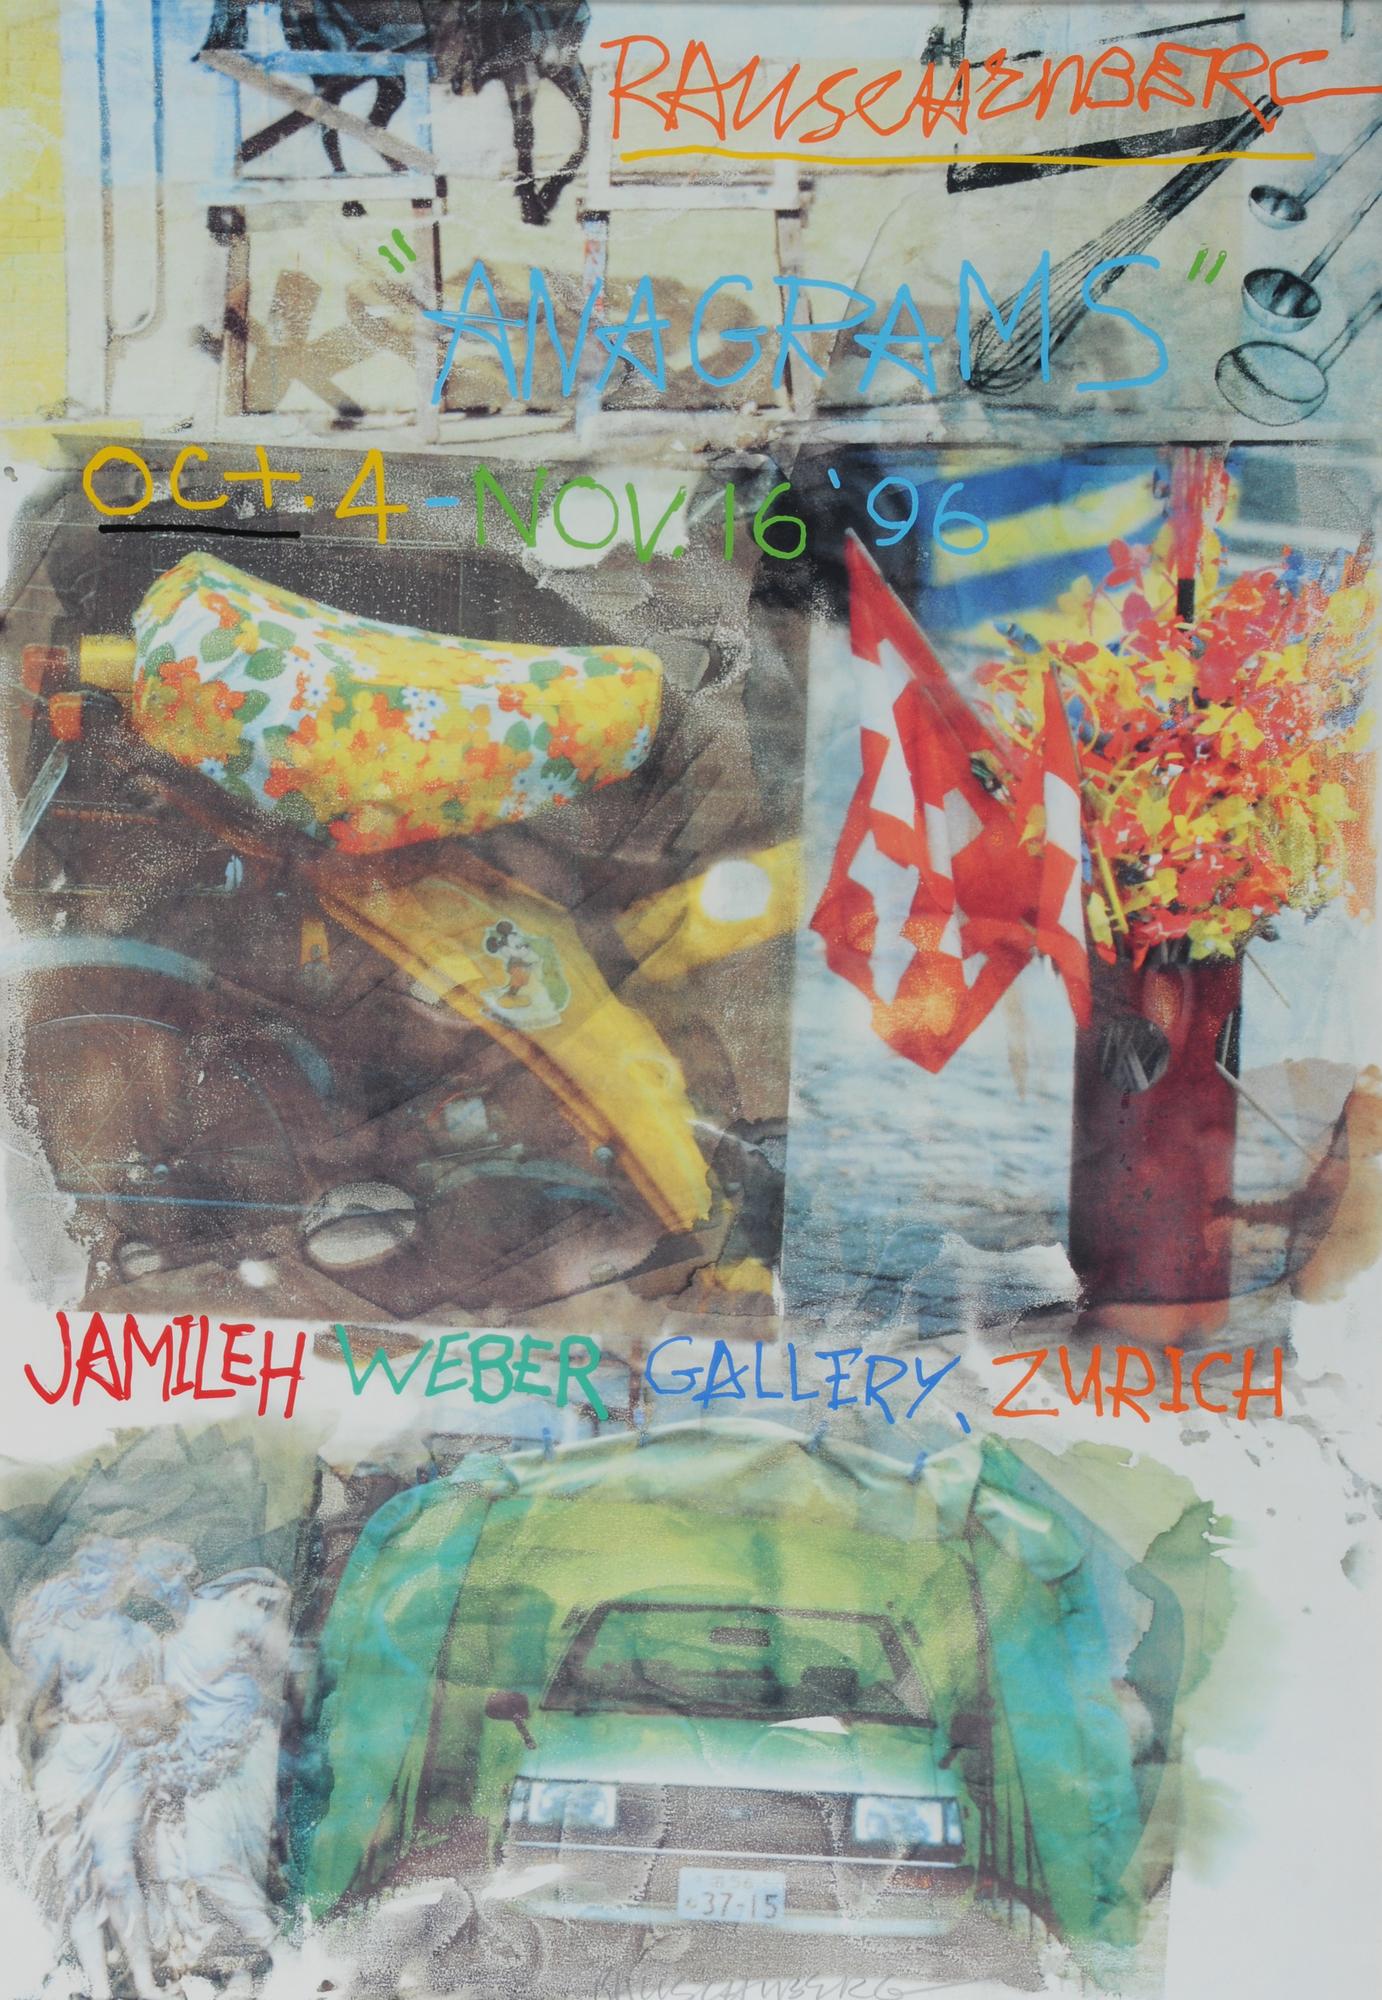 """Rauschenberg Robert, Plakat. Rauschenberg,  """"Anagrams"""", Oct. 4 - Nov. 16 '96, Jamileh Weber Gallery, Zurich"""